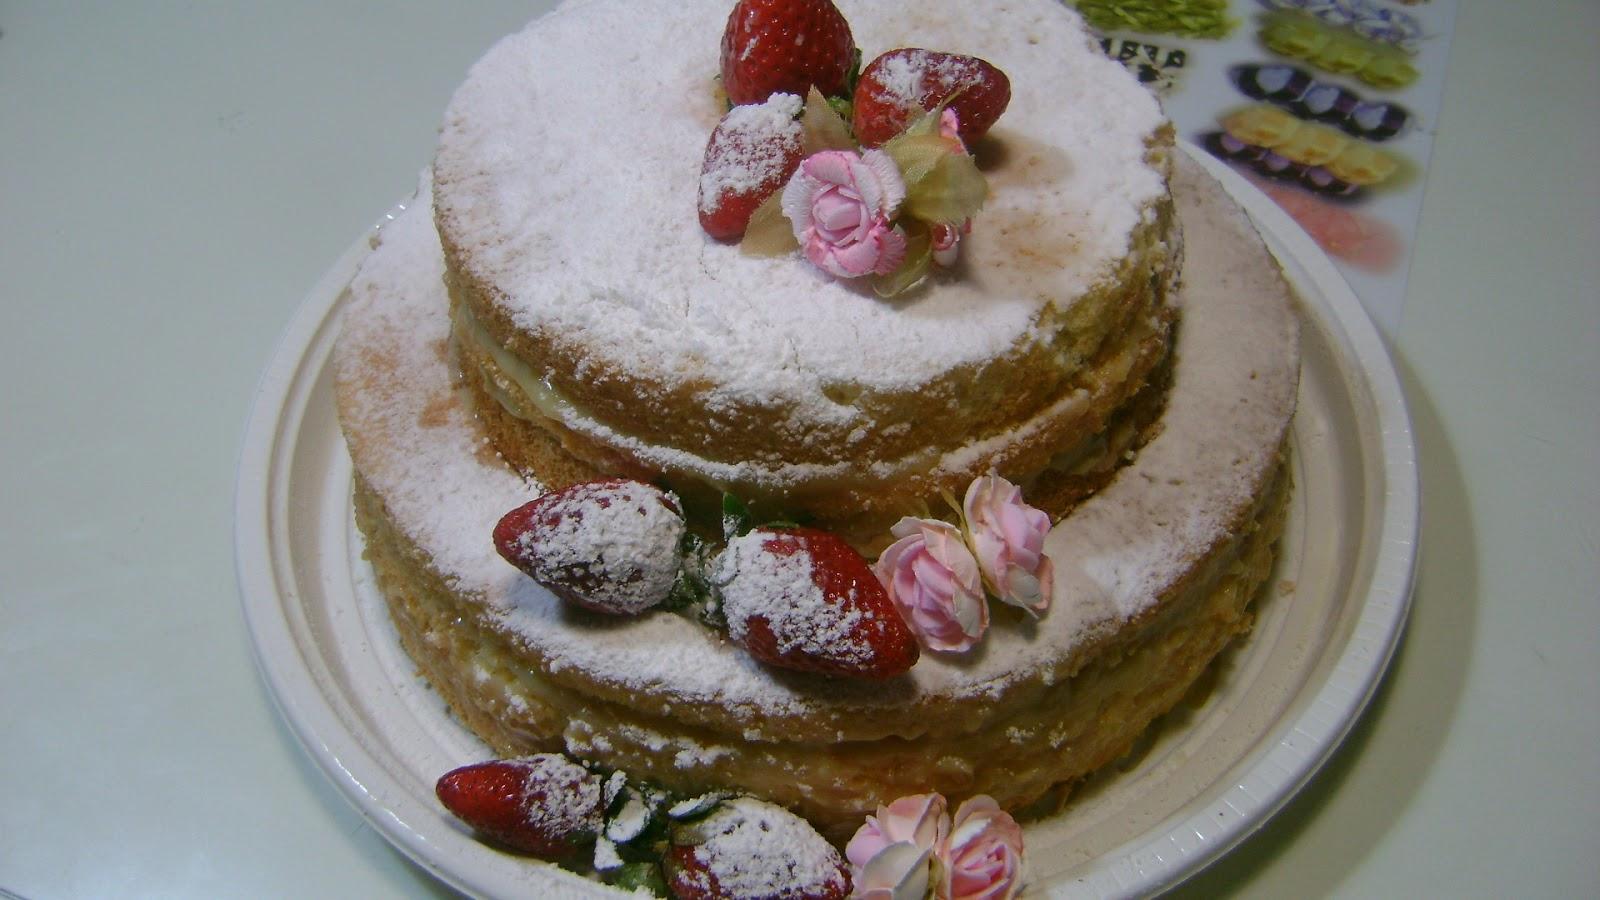 Artesanato Doce: Naked cake ou o bolo pelado